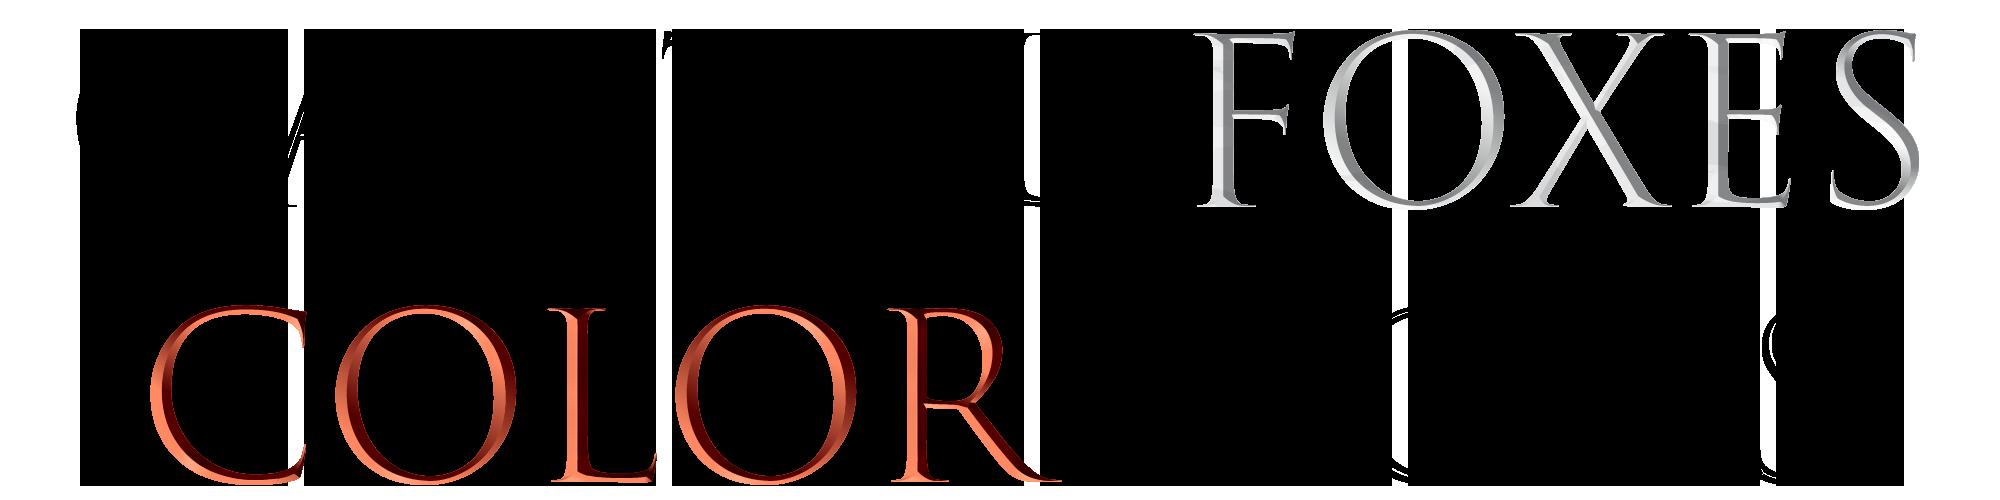 Steel Font Dafont